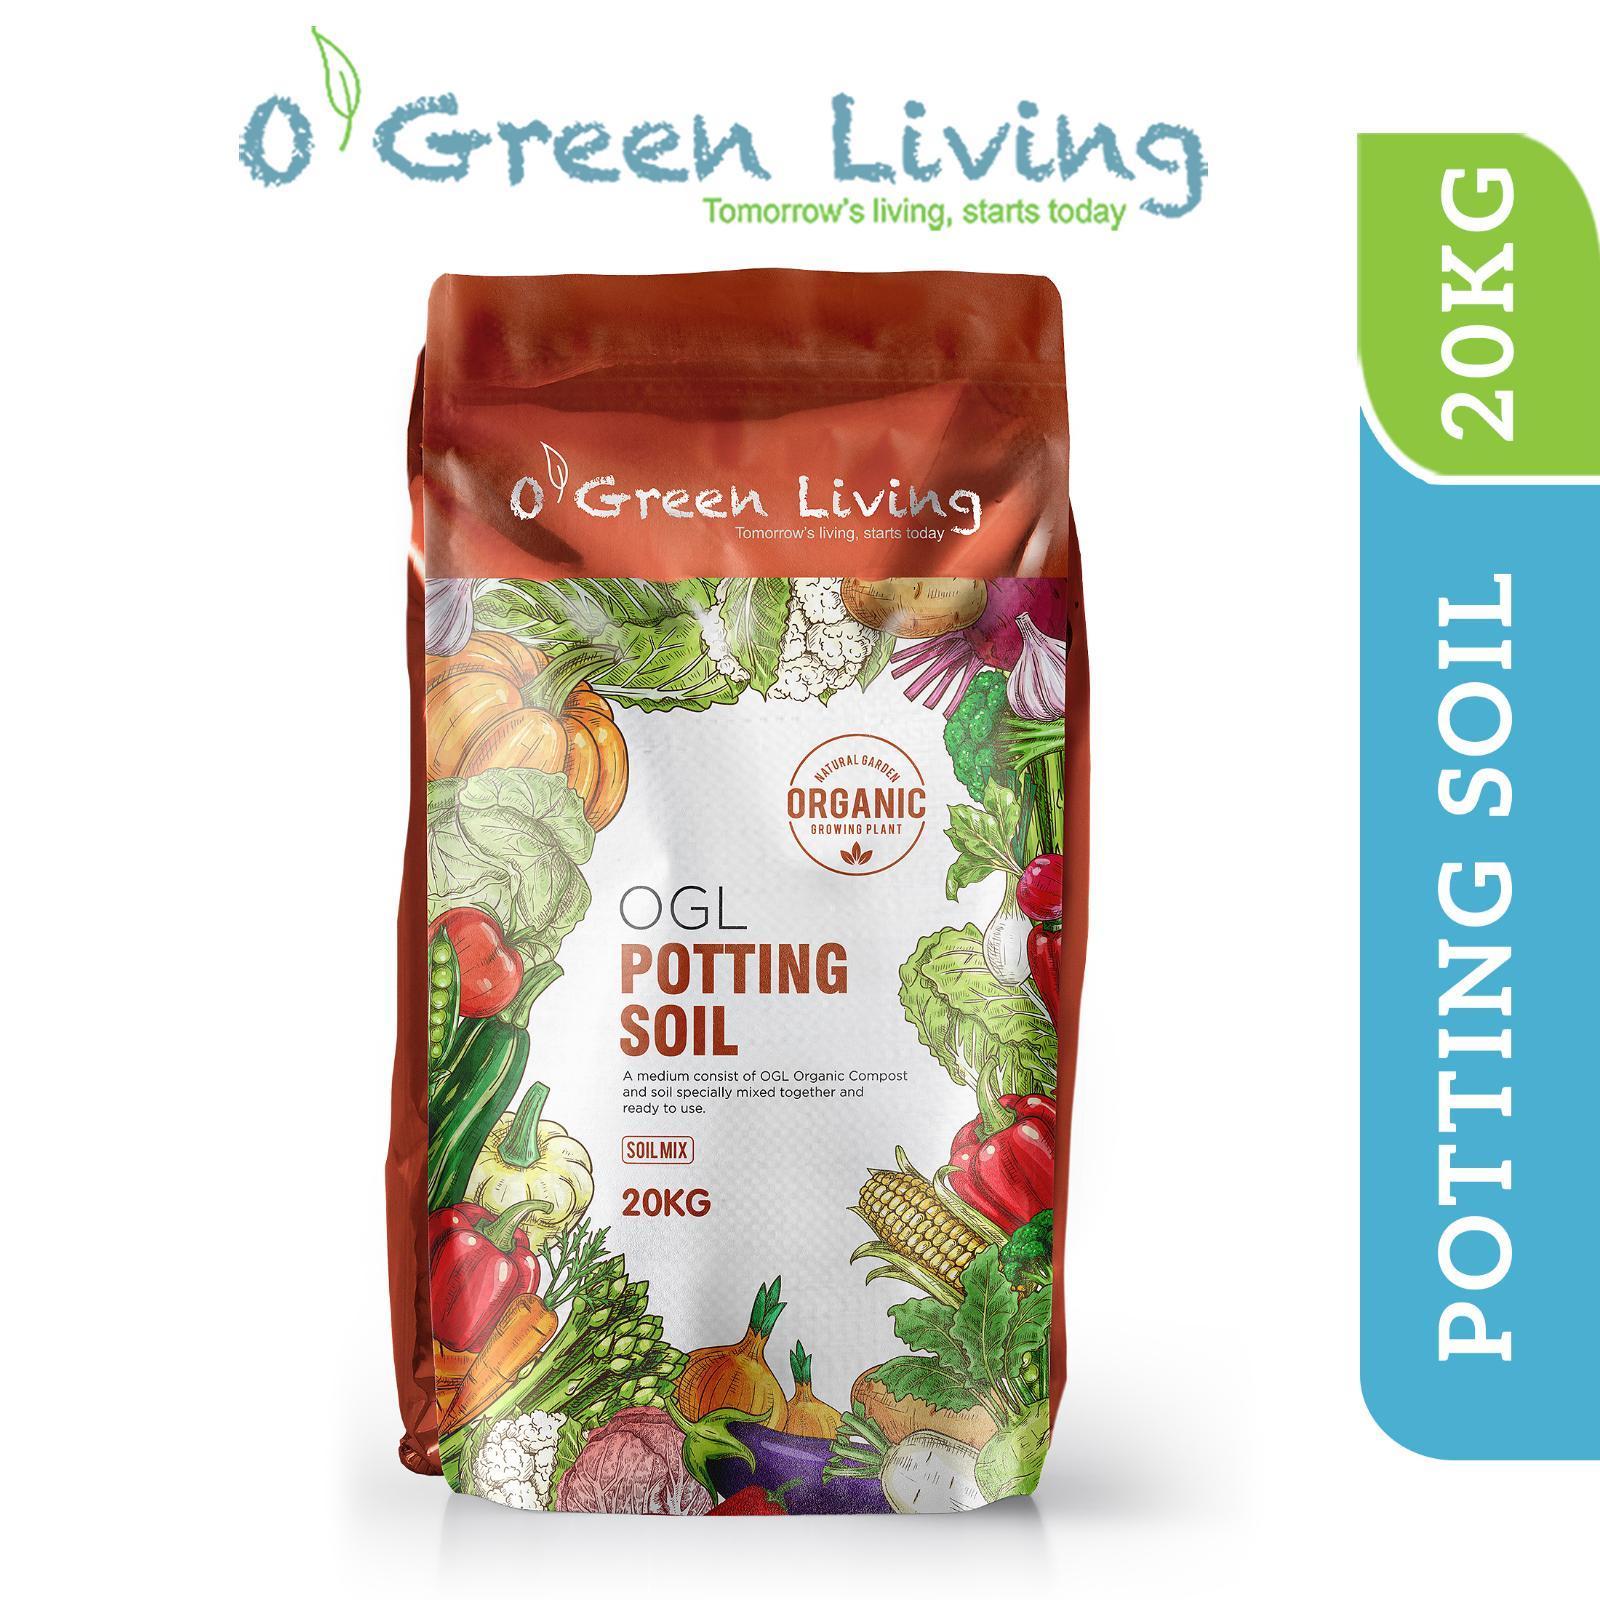 Ogreenliving OGL Potting Soil (20KG)